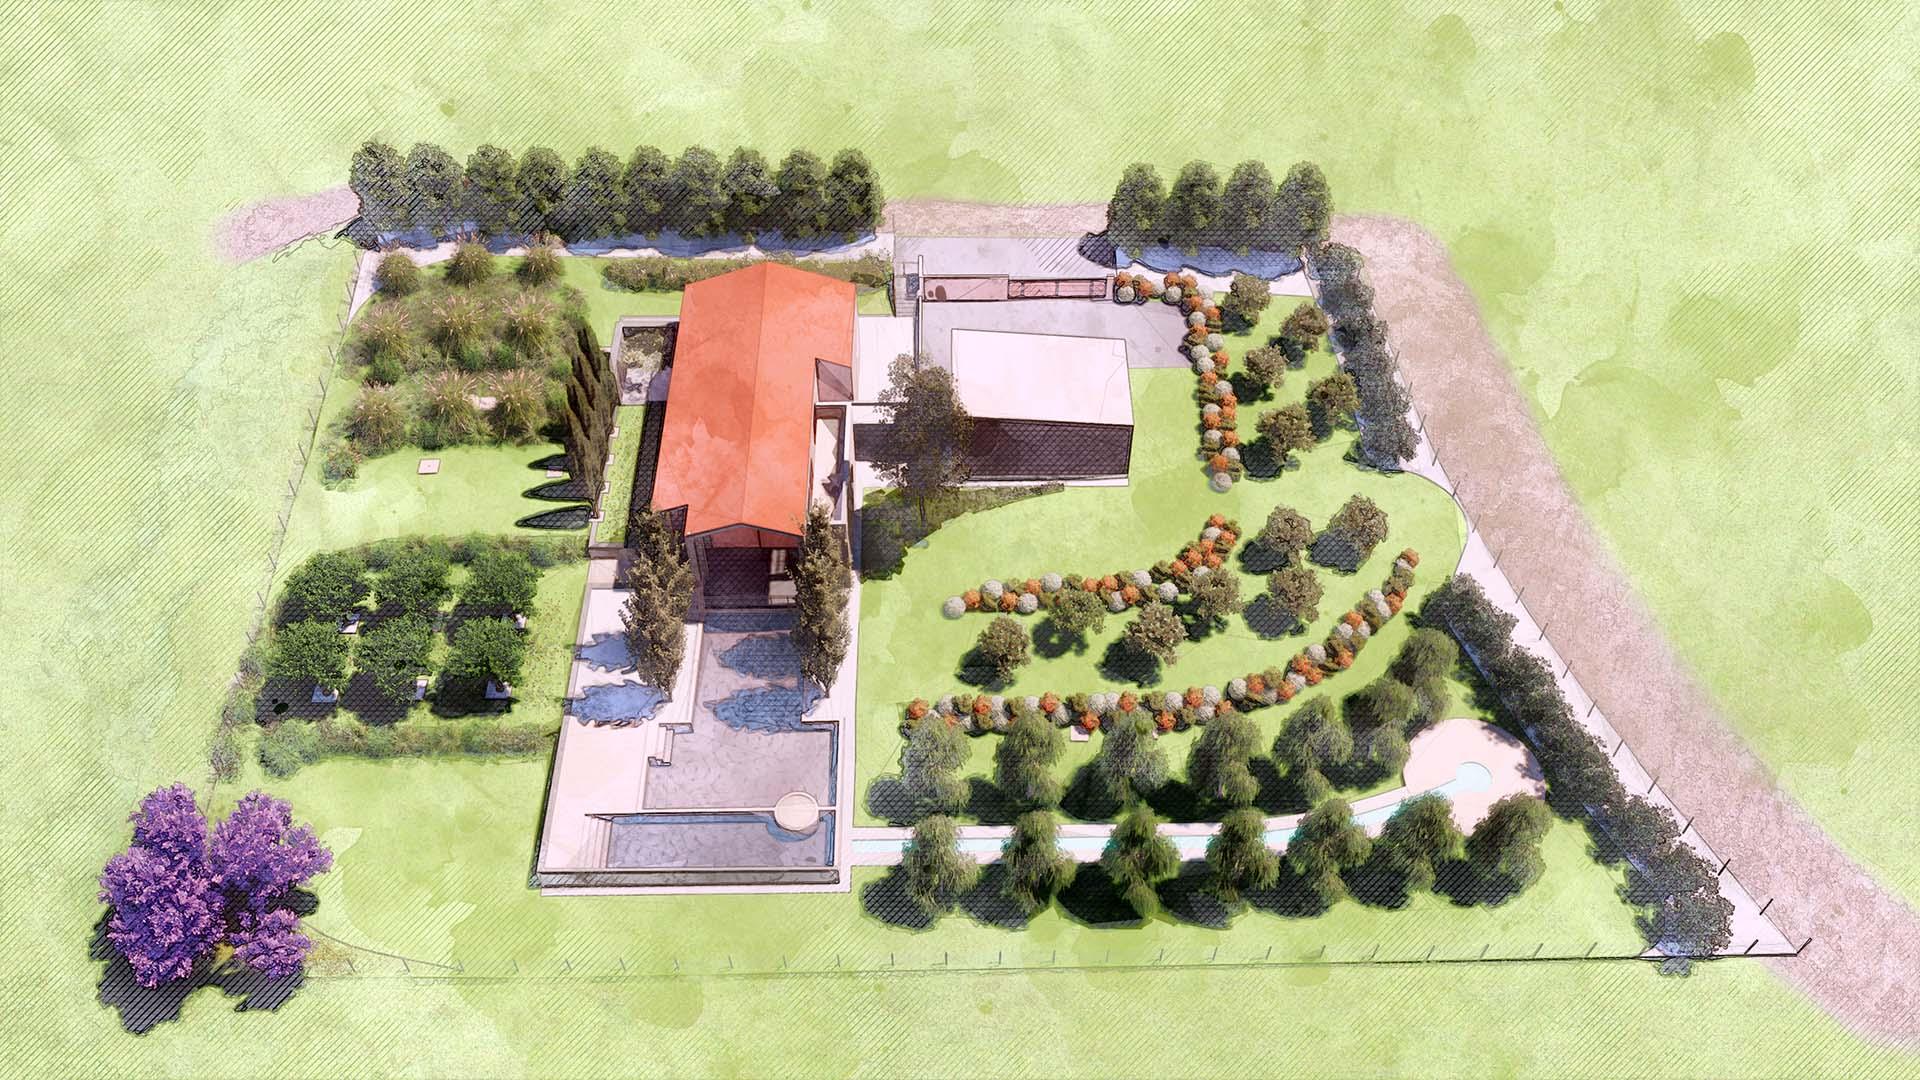 Palmieri Studio soluzione progettuale per progetto giardino villa.